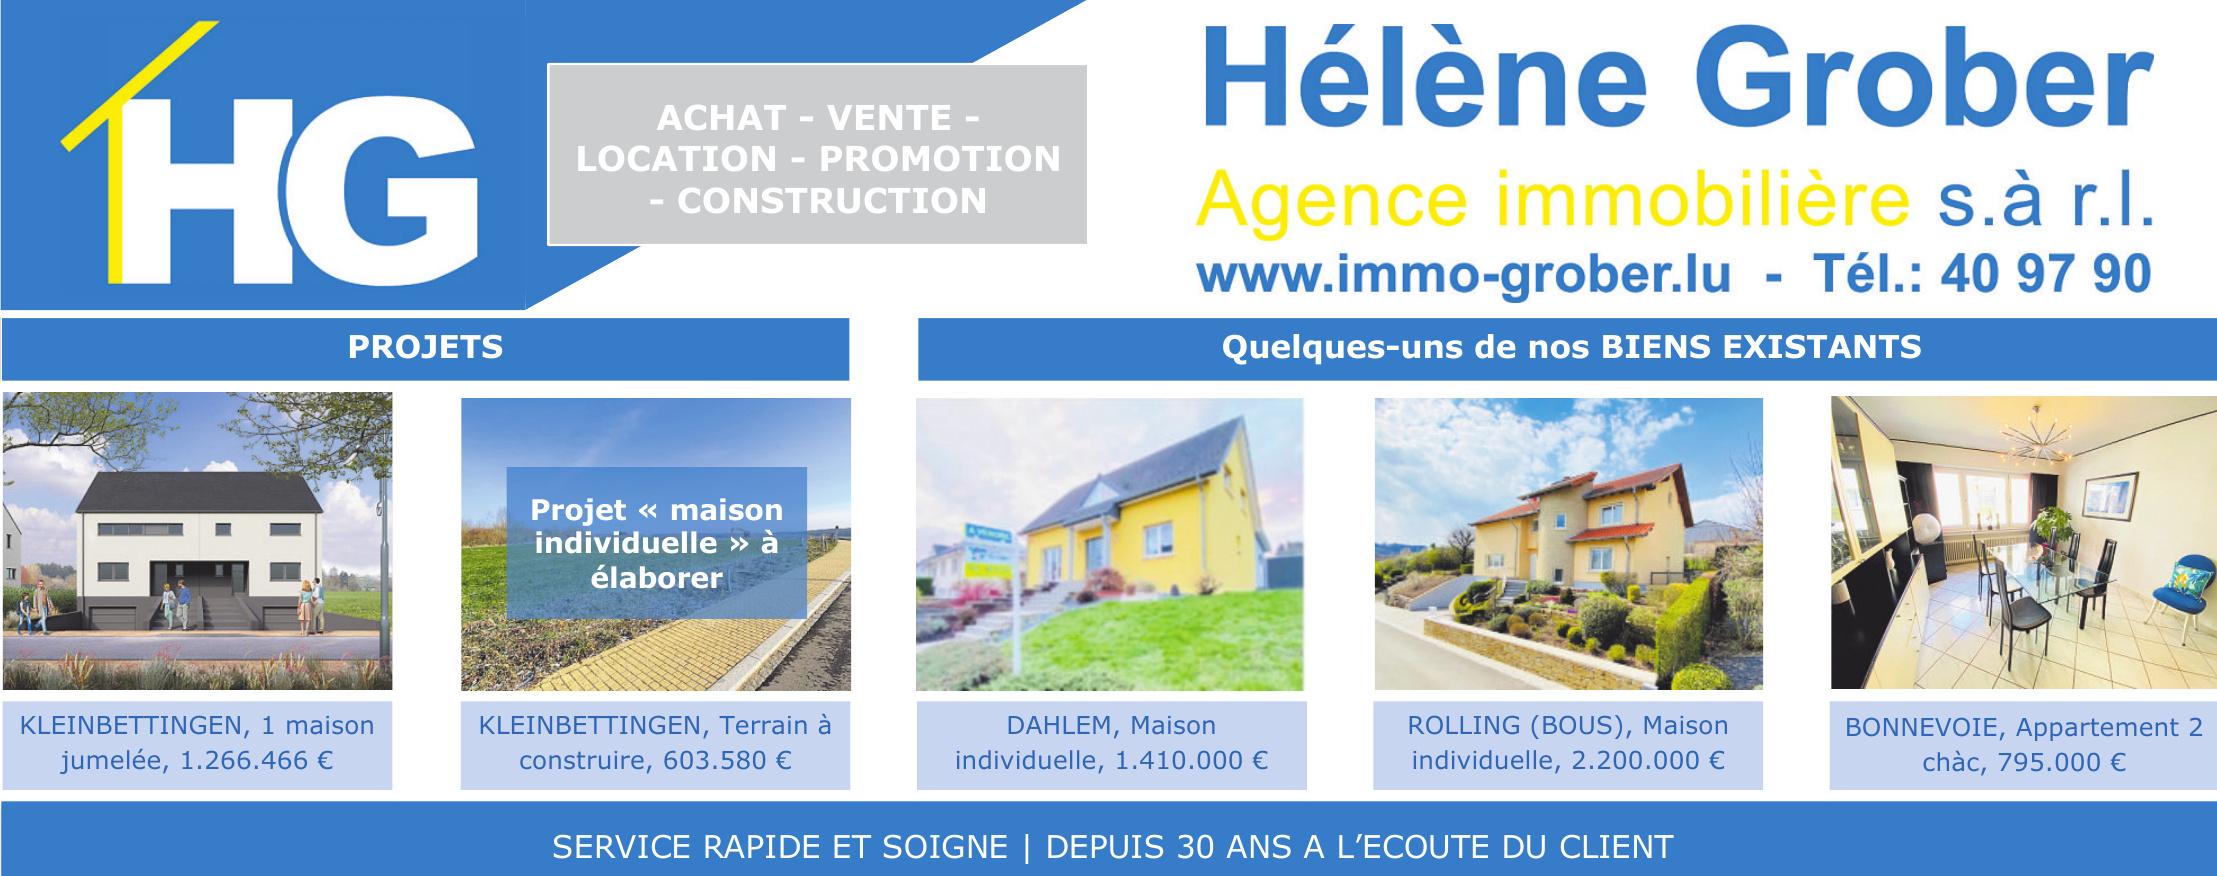 Hélène Grober Agence immobilière s.à r.l.